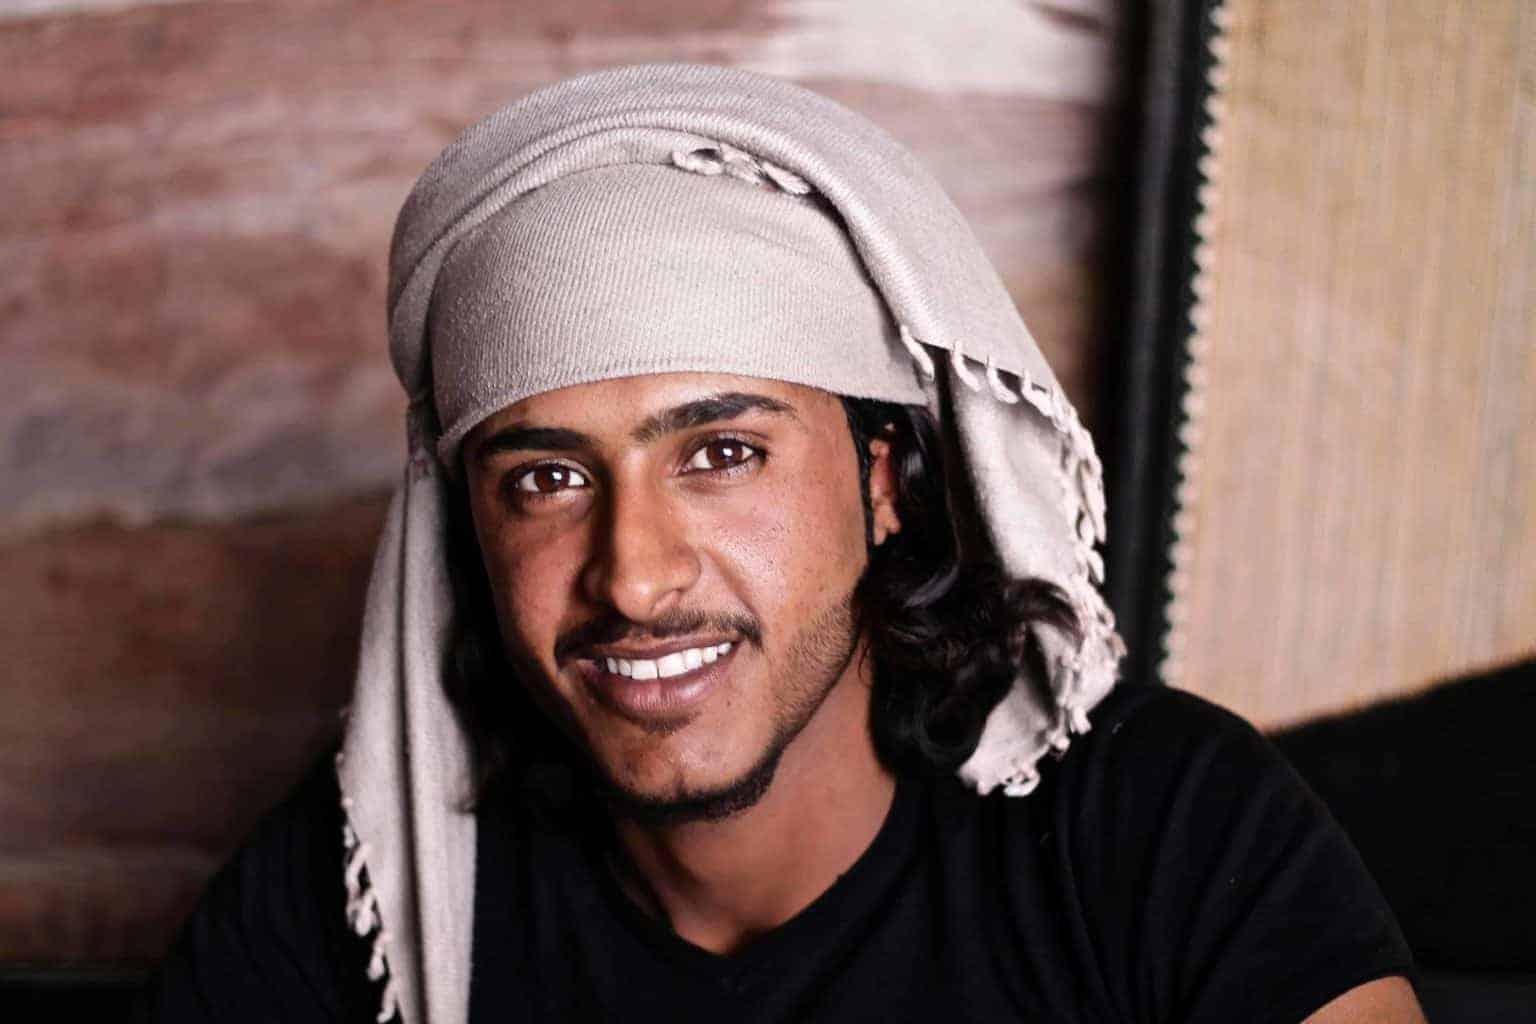 Arabic man smiling at camera